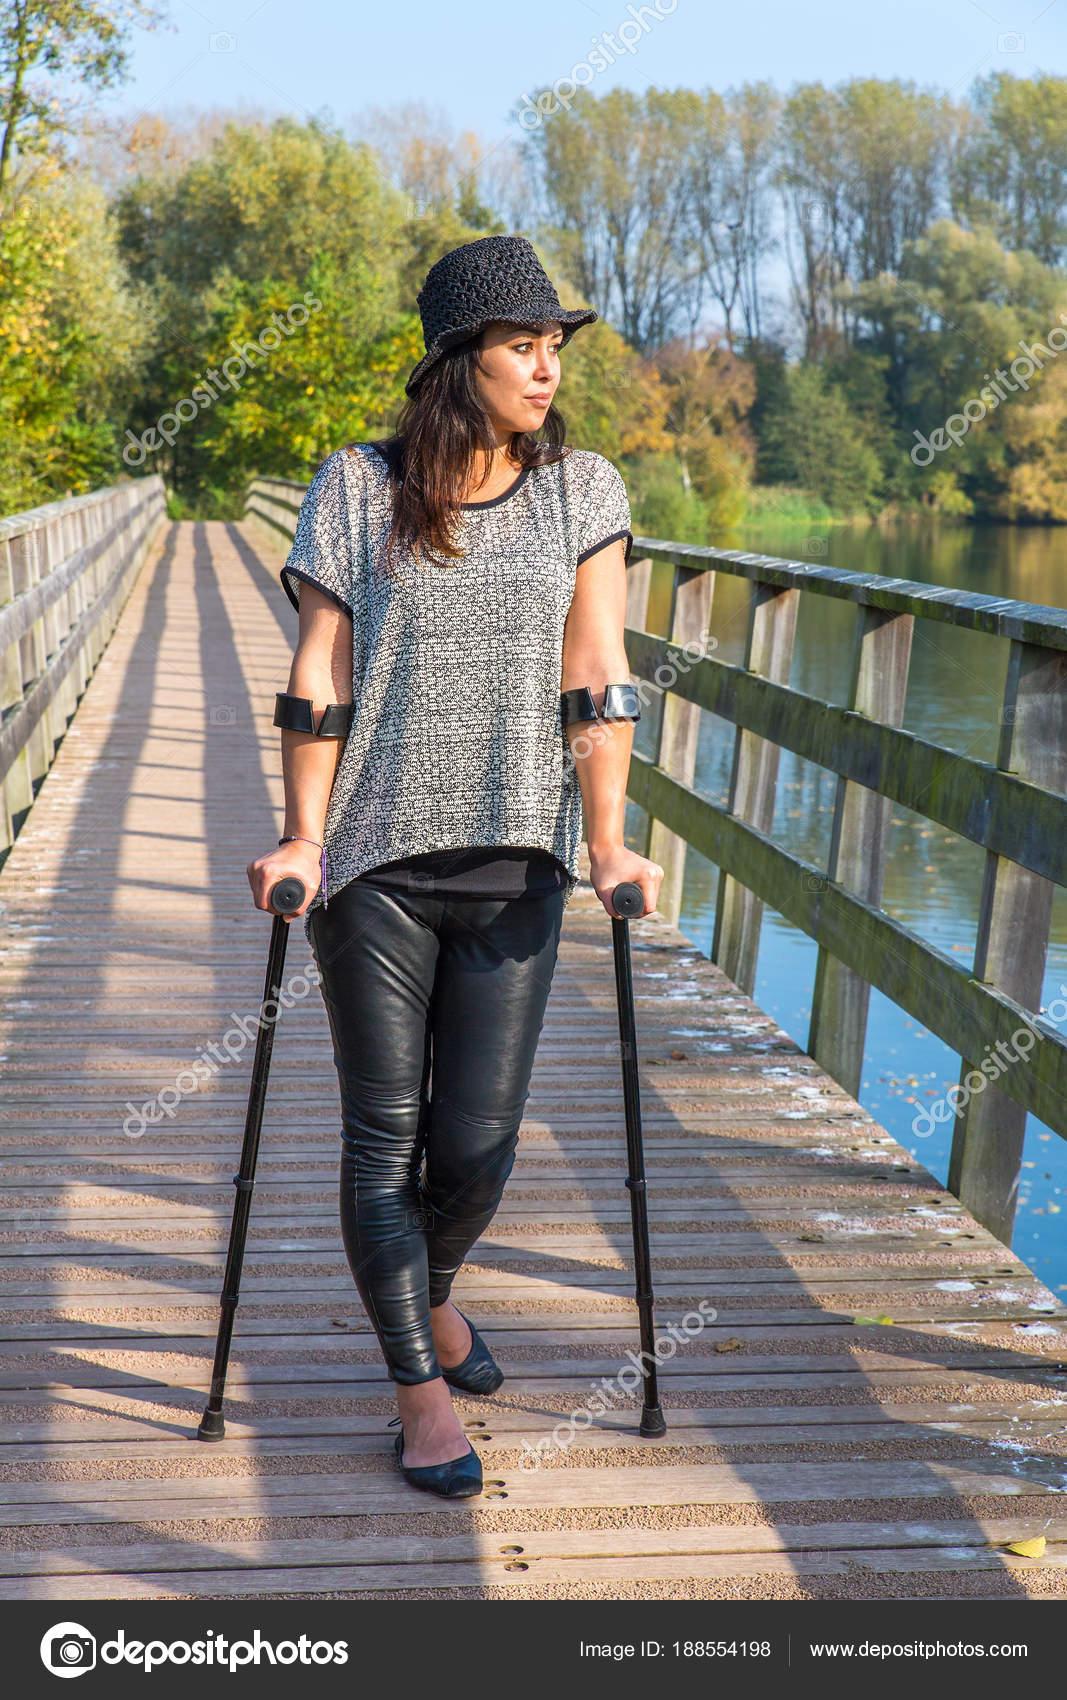 Frau mit Krücken gehen auf Brücke — Stockfoto © benschonewille #188554198